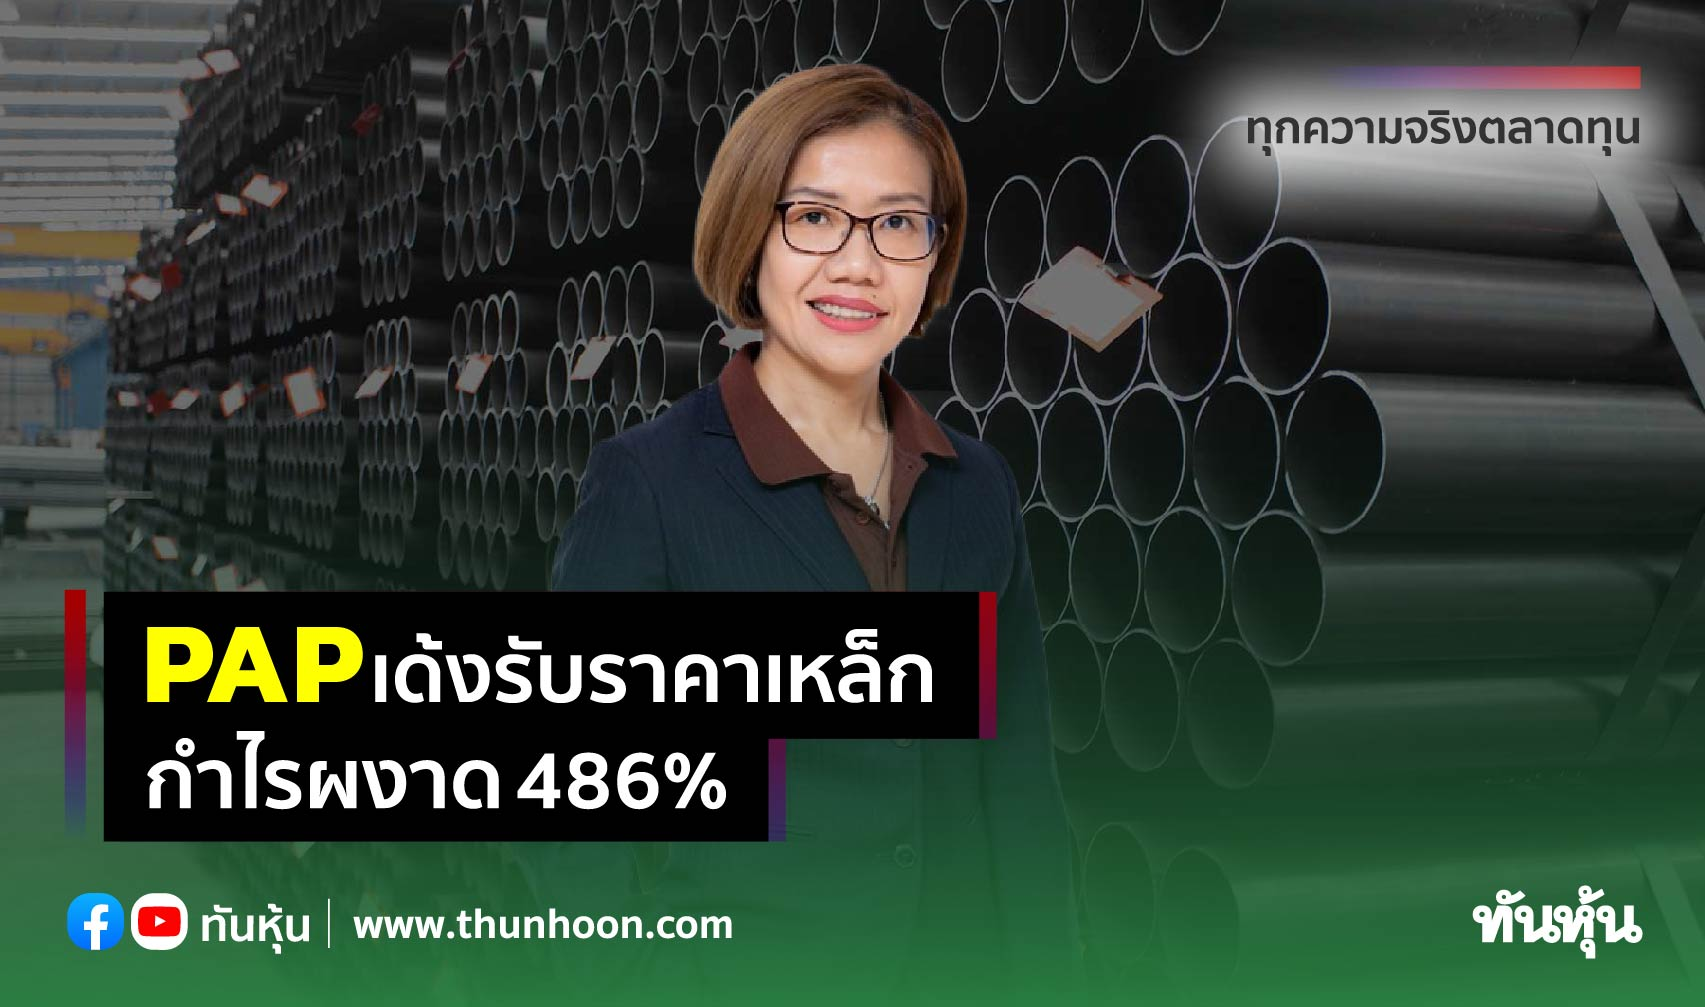 PAPเด้งรับราคาเหล็ก กำไรผงาด486%